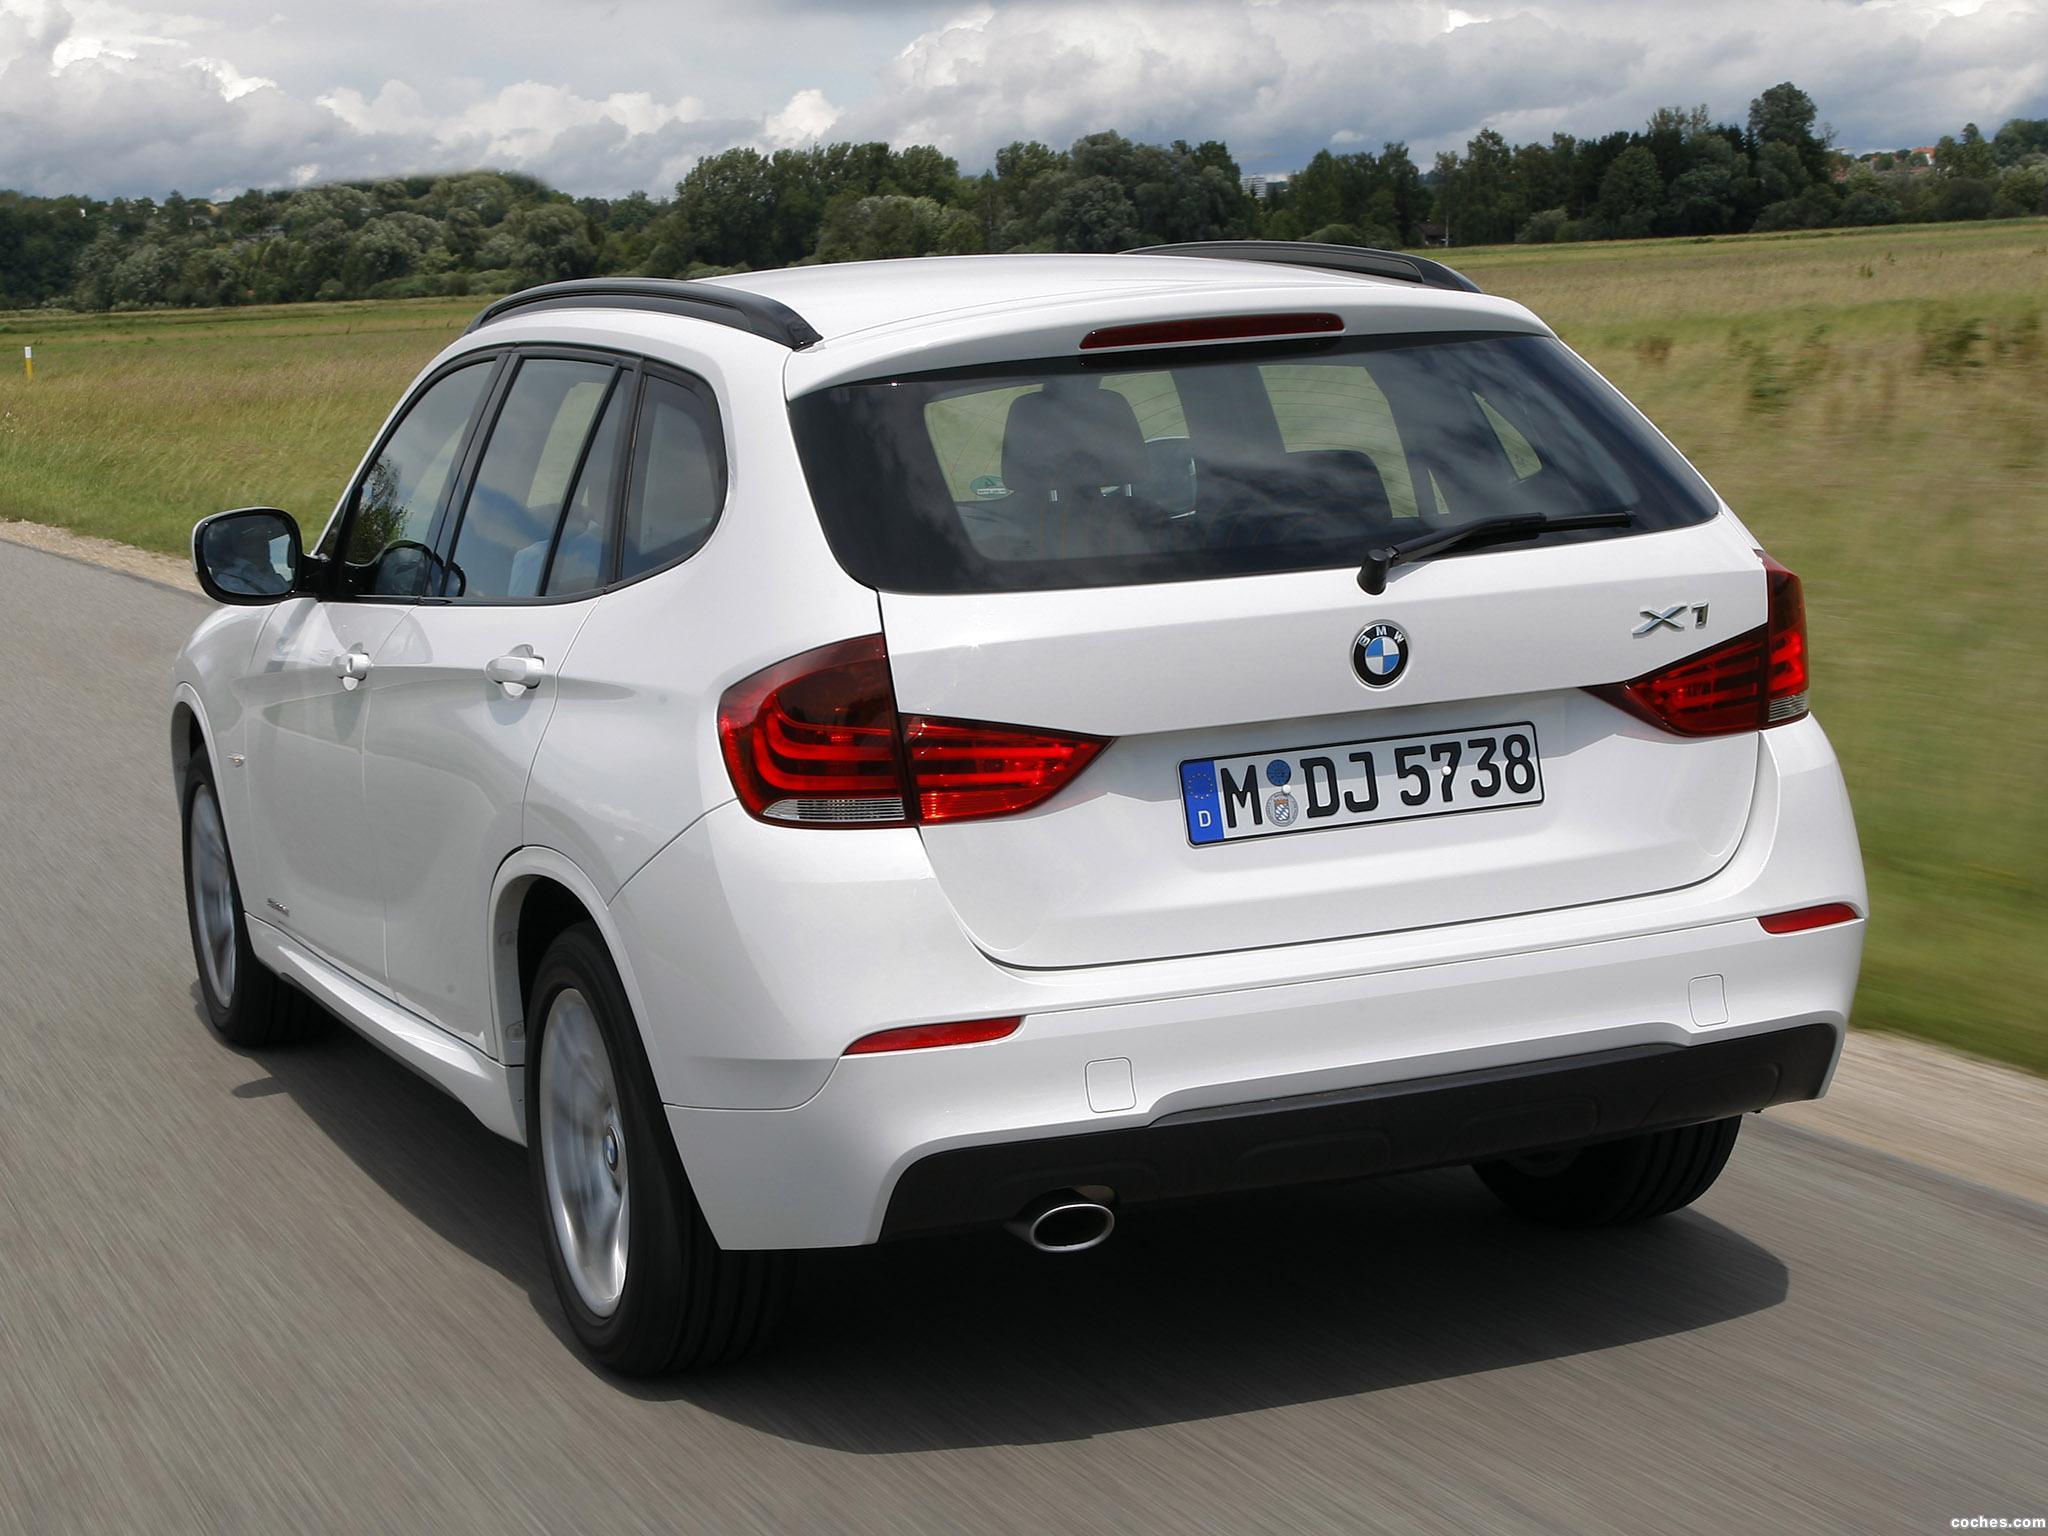 Foto 6 de BMW X1 sDrive20d EfficientDynamics Edition 2011